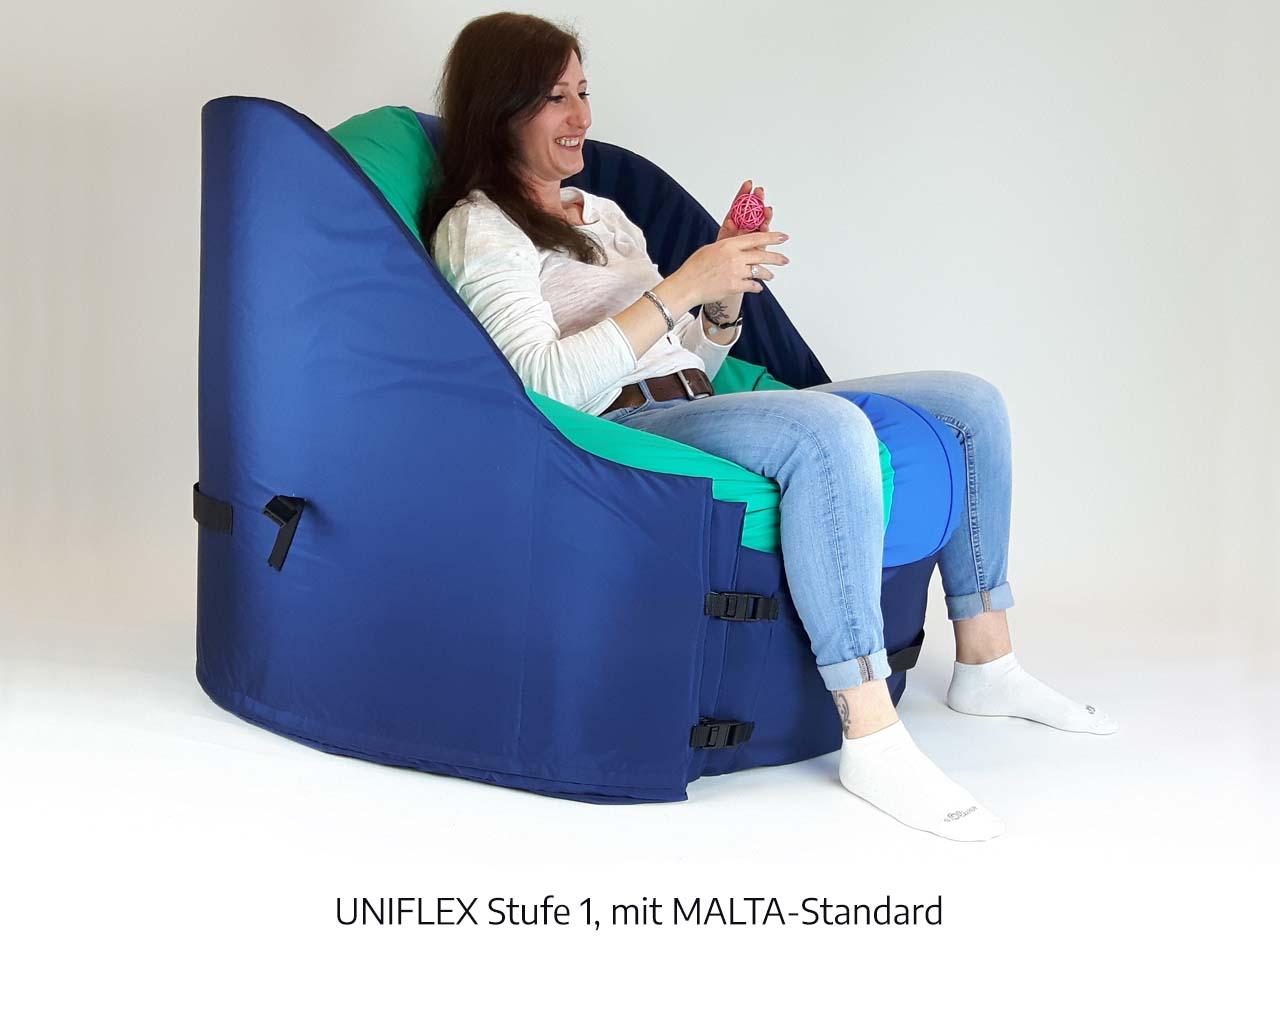 Uniflex Schale Ganzkörper Lagerung Ganzkörper Lagerung Enste Reha